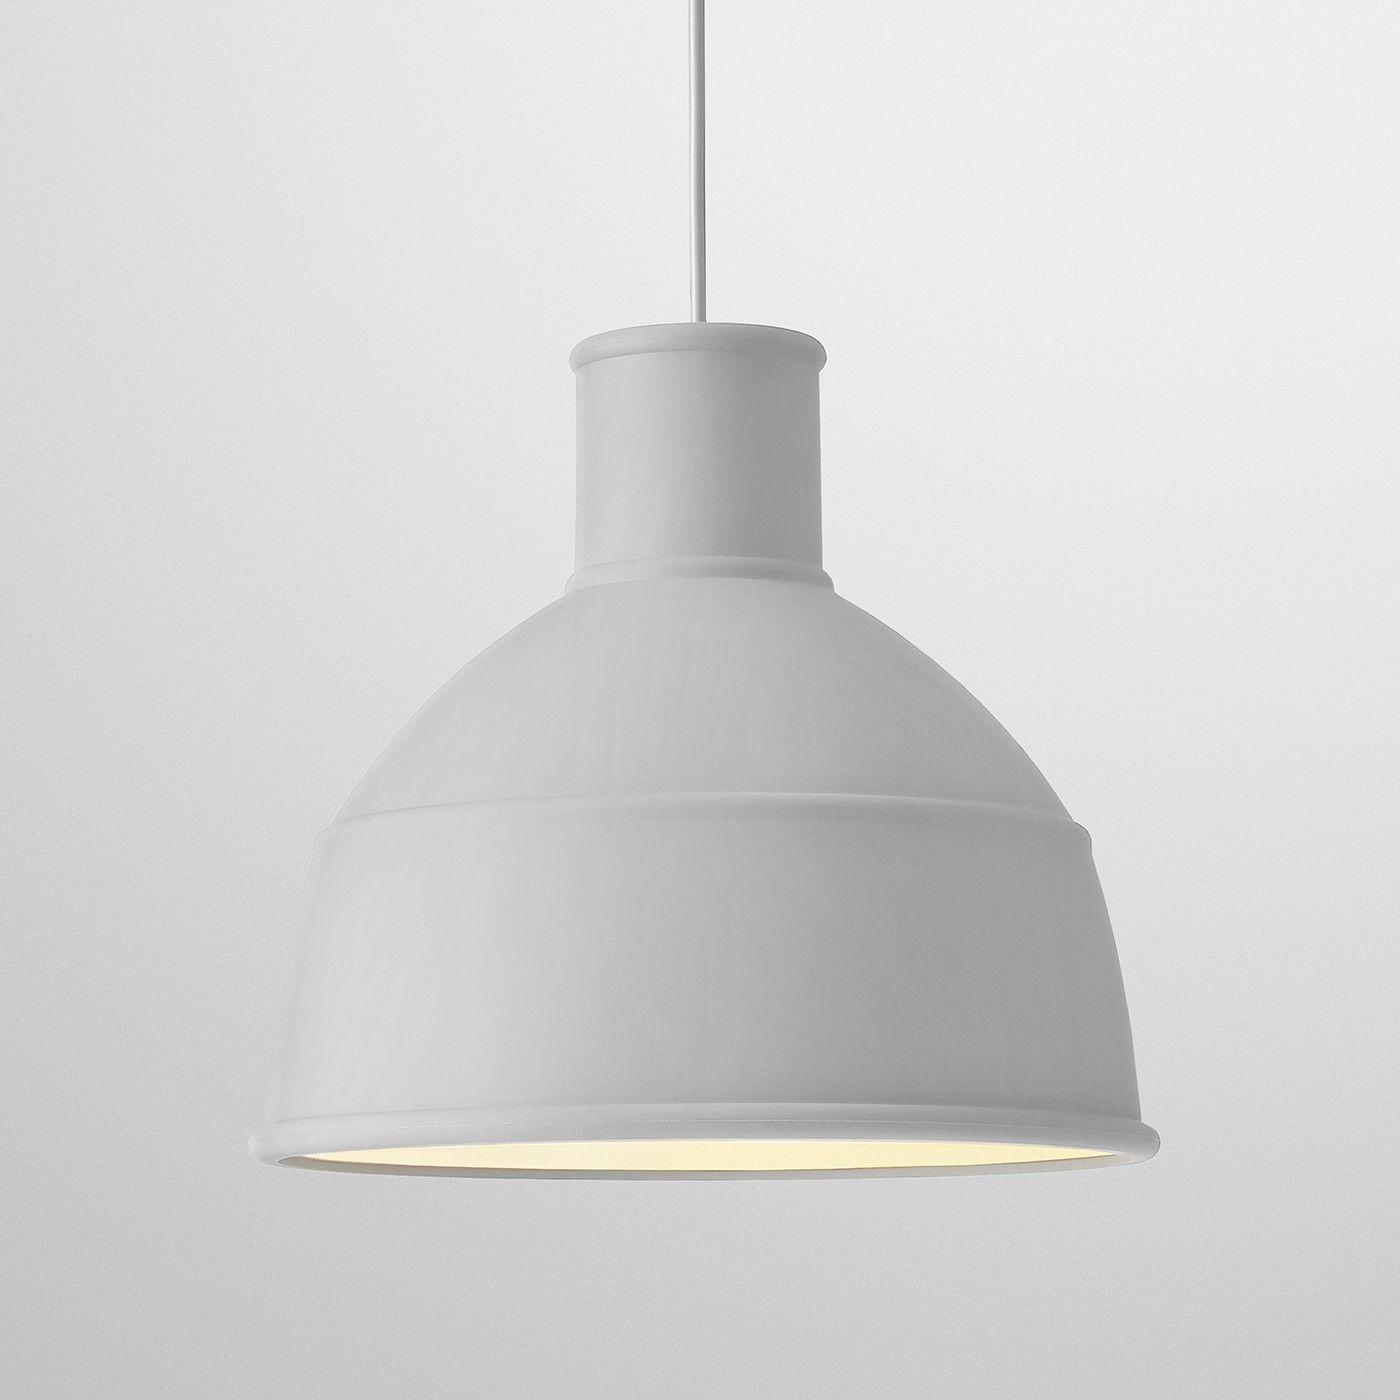 Unfold pendant light muuto lighting lights and pendant lighting unfold pendant light aloadofball Gallery